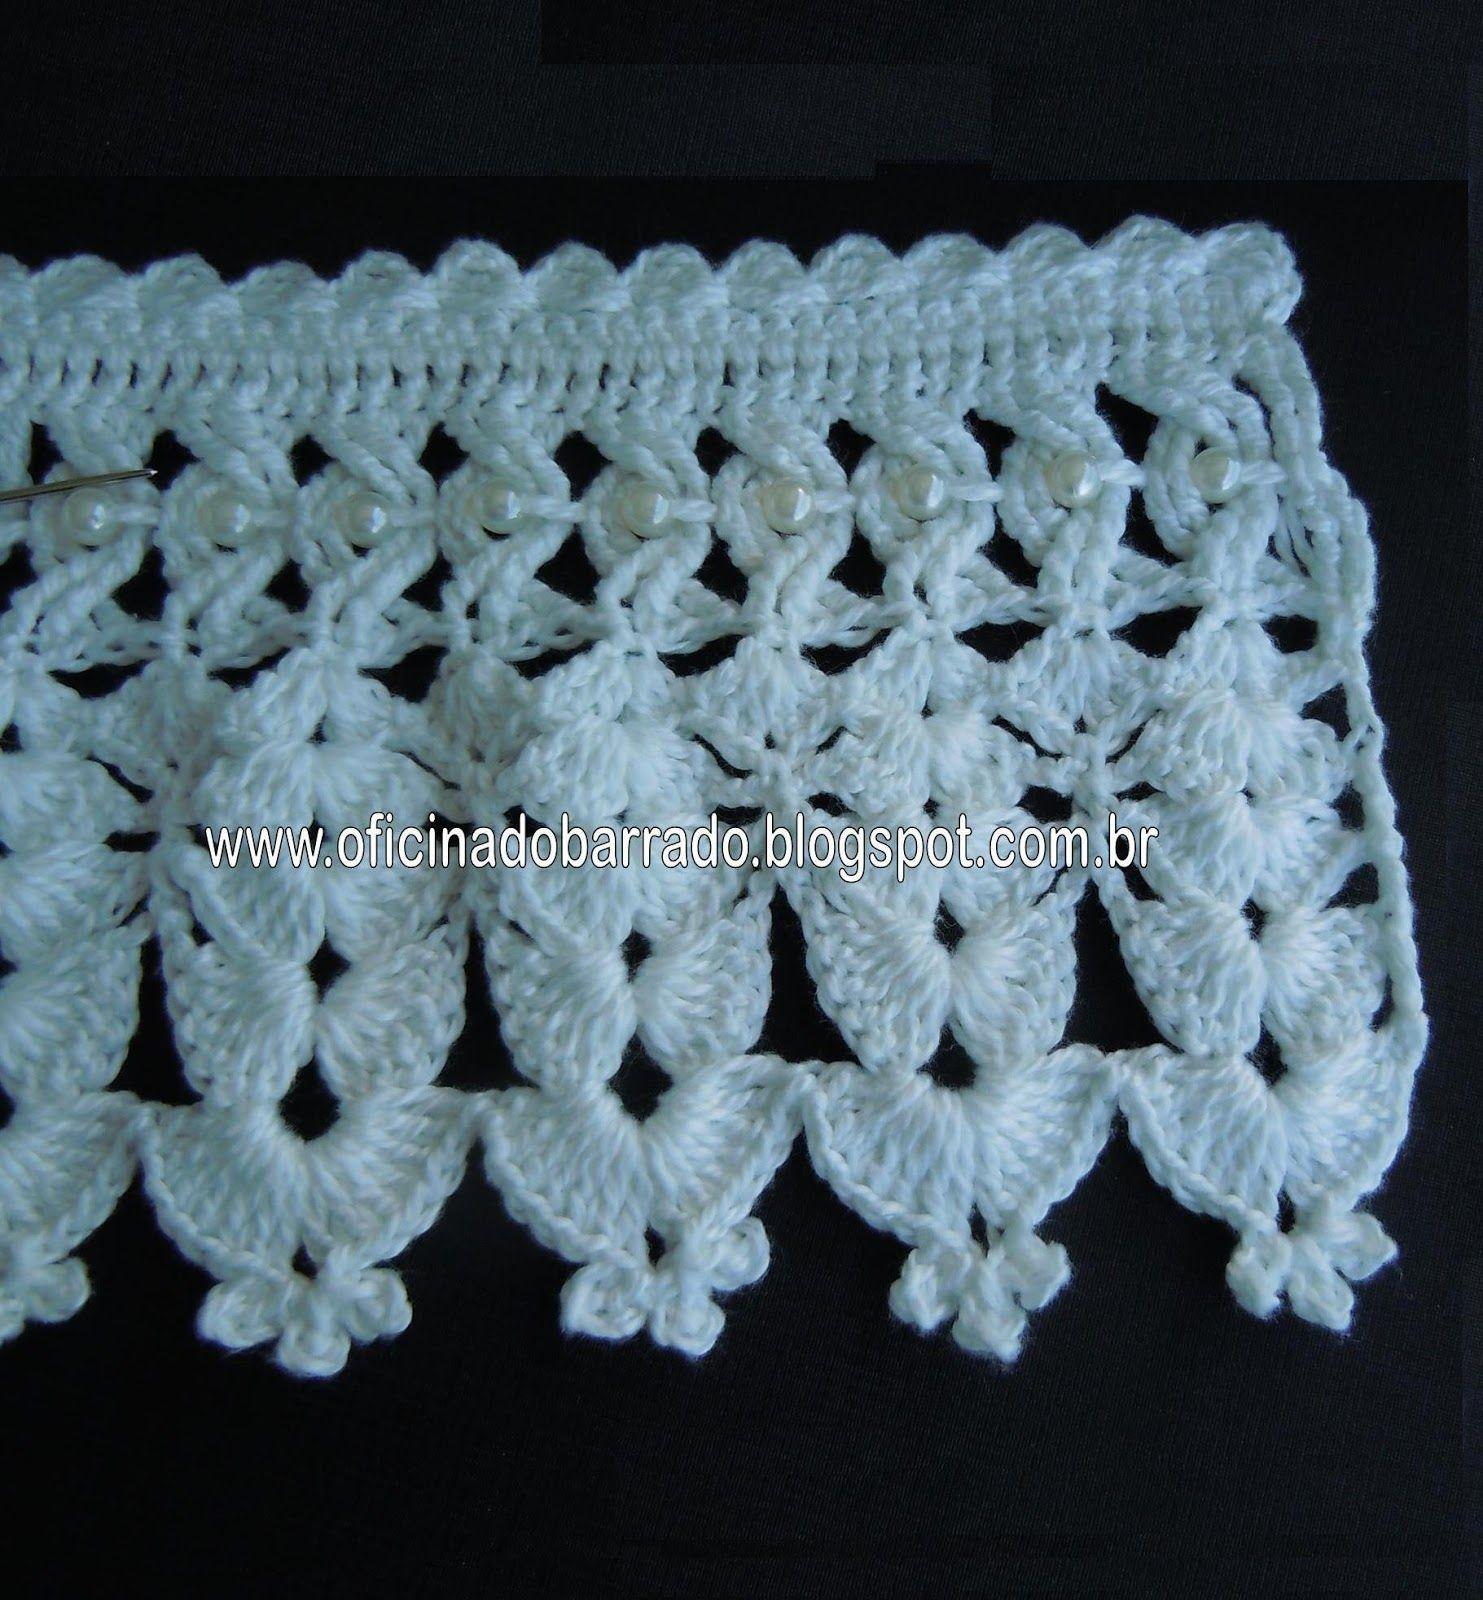 Oficina do barrado croche pap barrado perolas entrelaadas tutorial crochet edging with intertwined pearls bankloansurffo Gallery